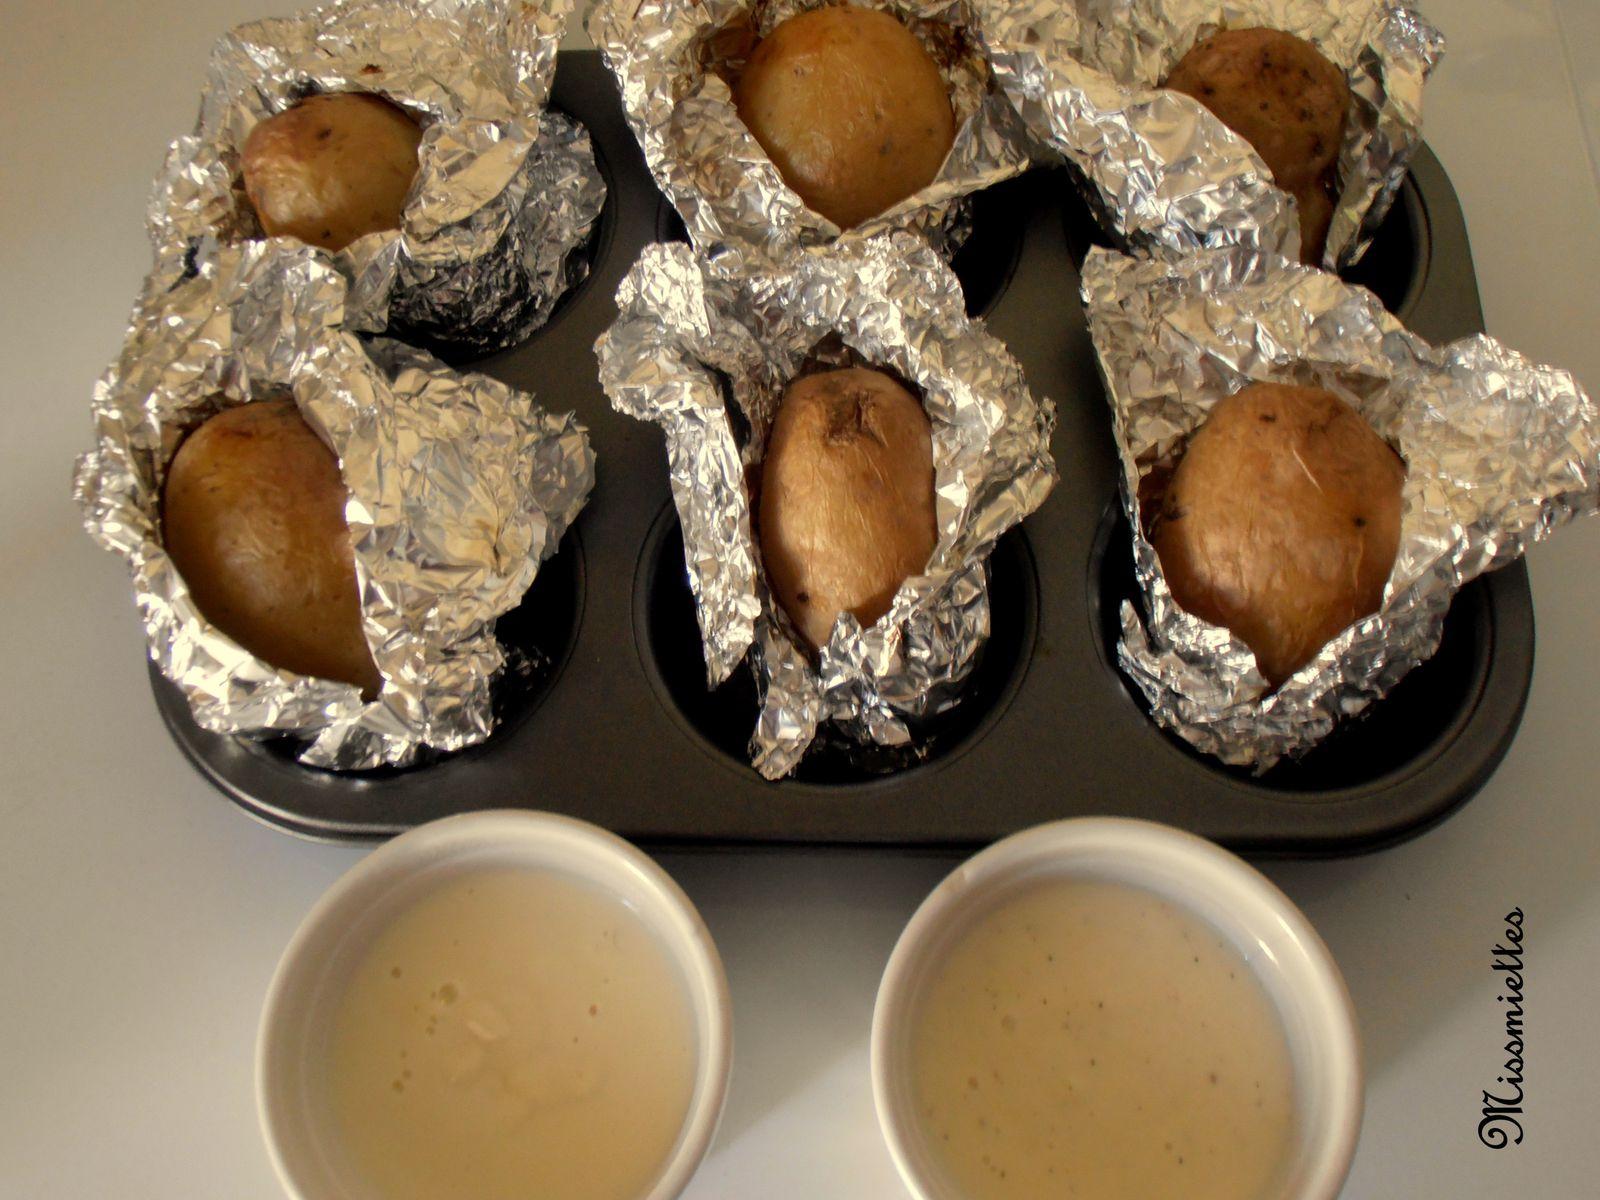 Pomme de terre au four et ses 2 sauces au fromage - Pomme de terre en robe de chambre au four ...